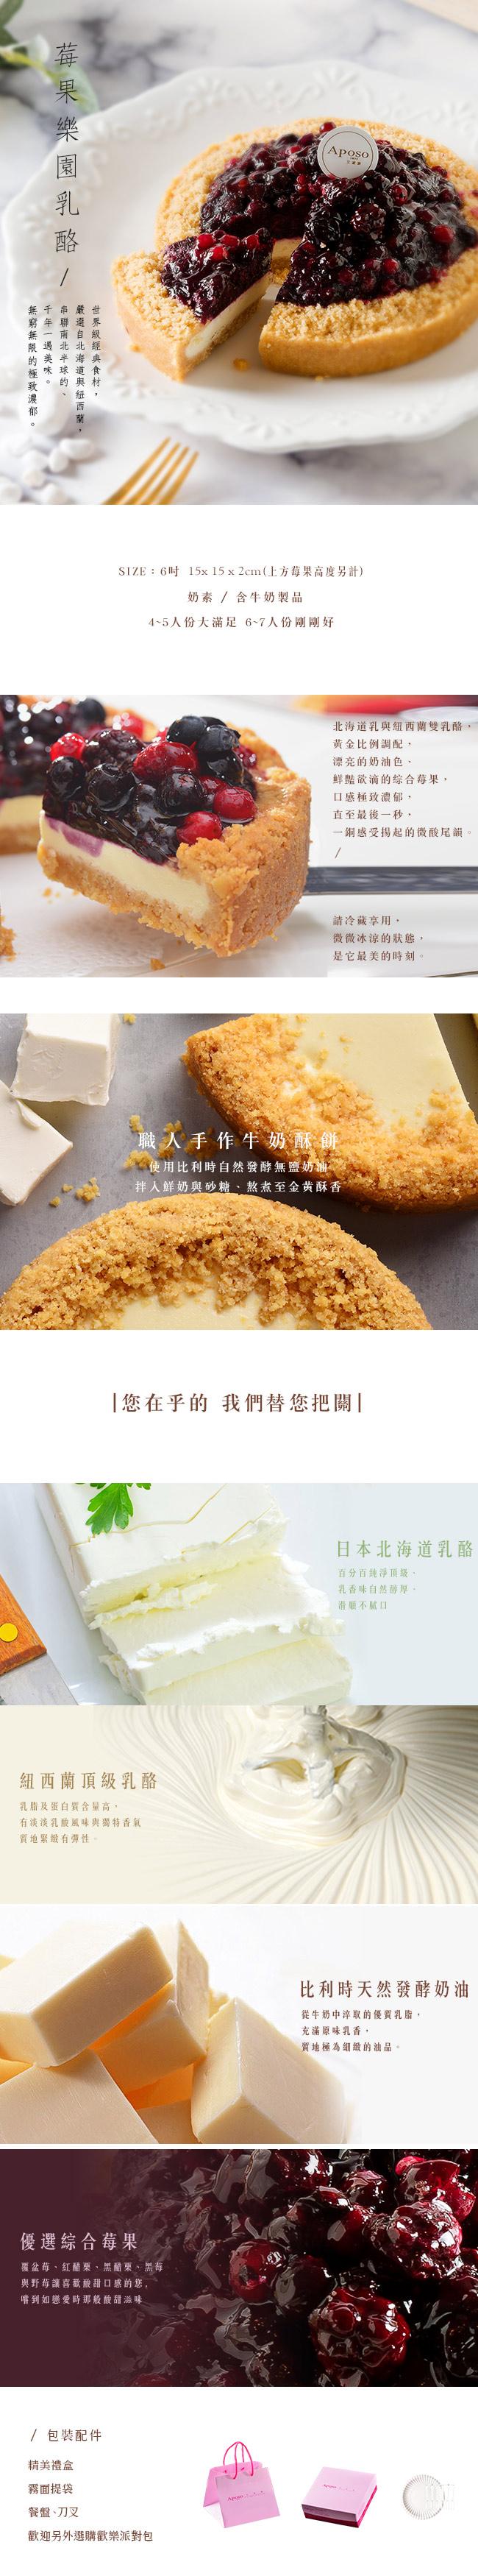 艾波索【莓果樂園乳酪6吋】非凡新聞台 美食按個讚 強力推薦